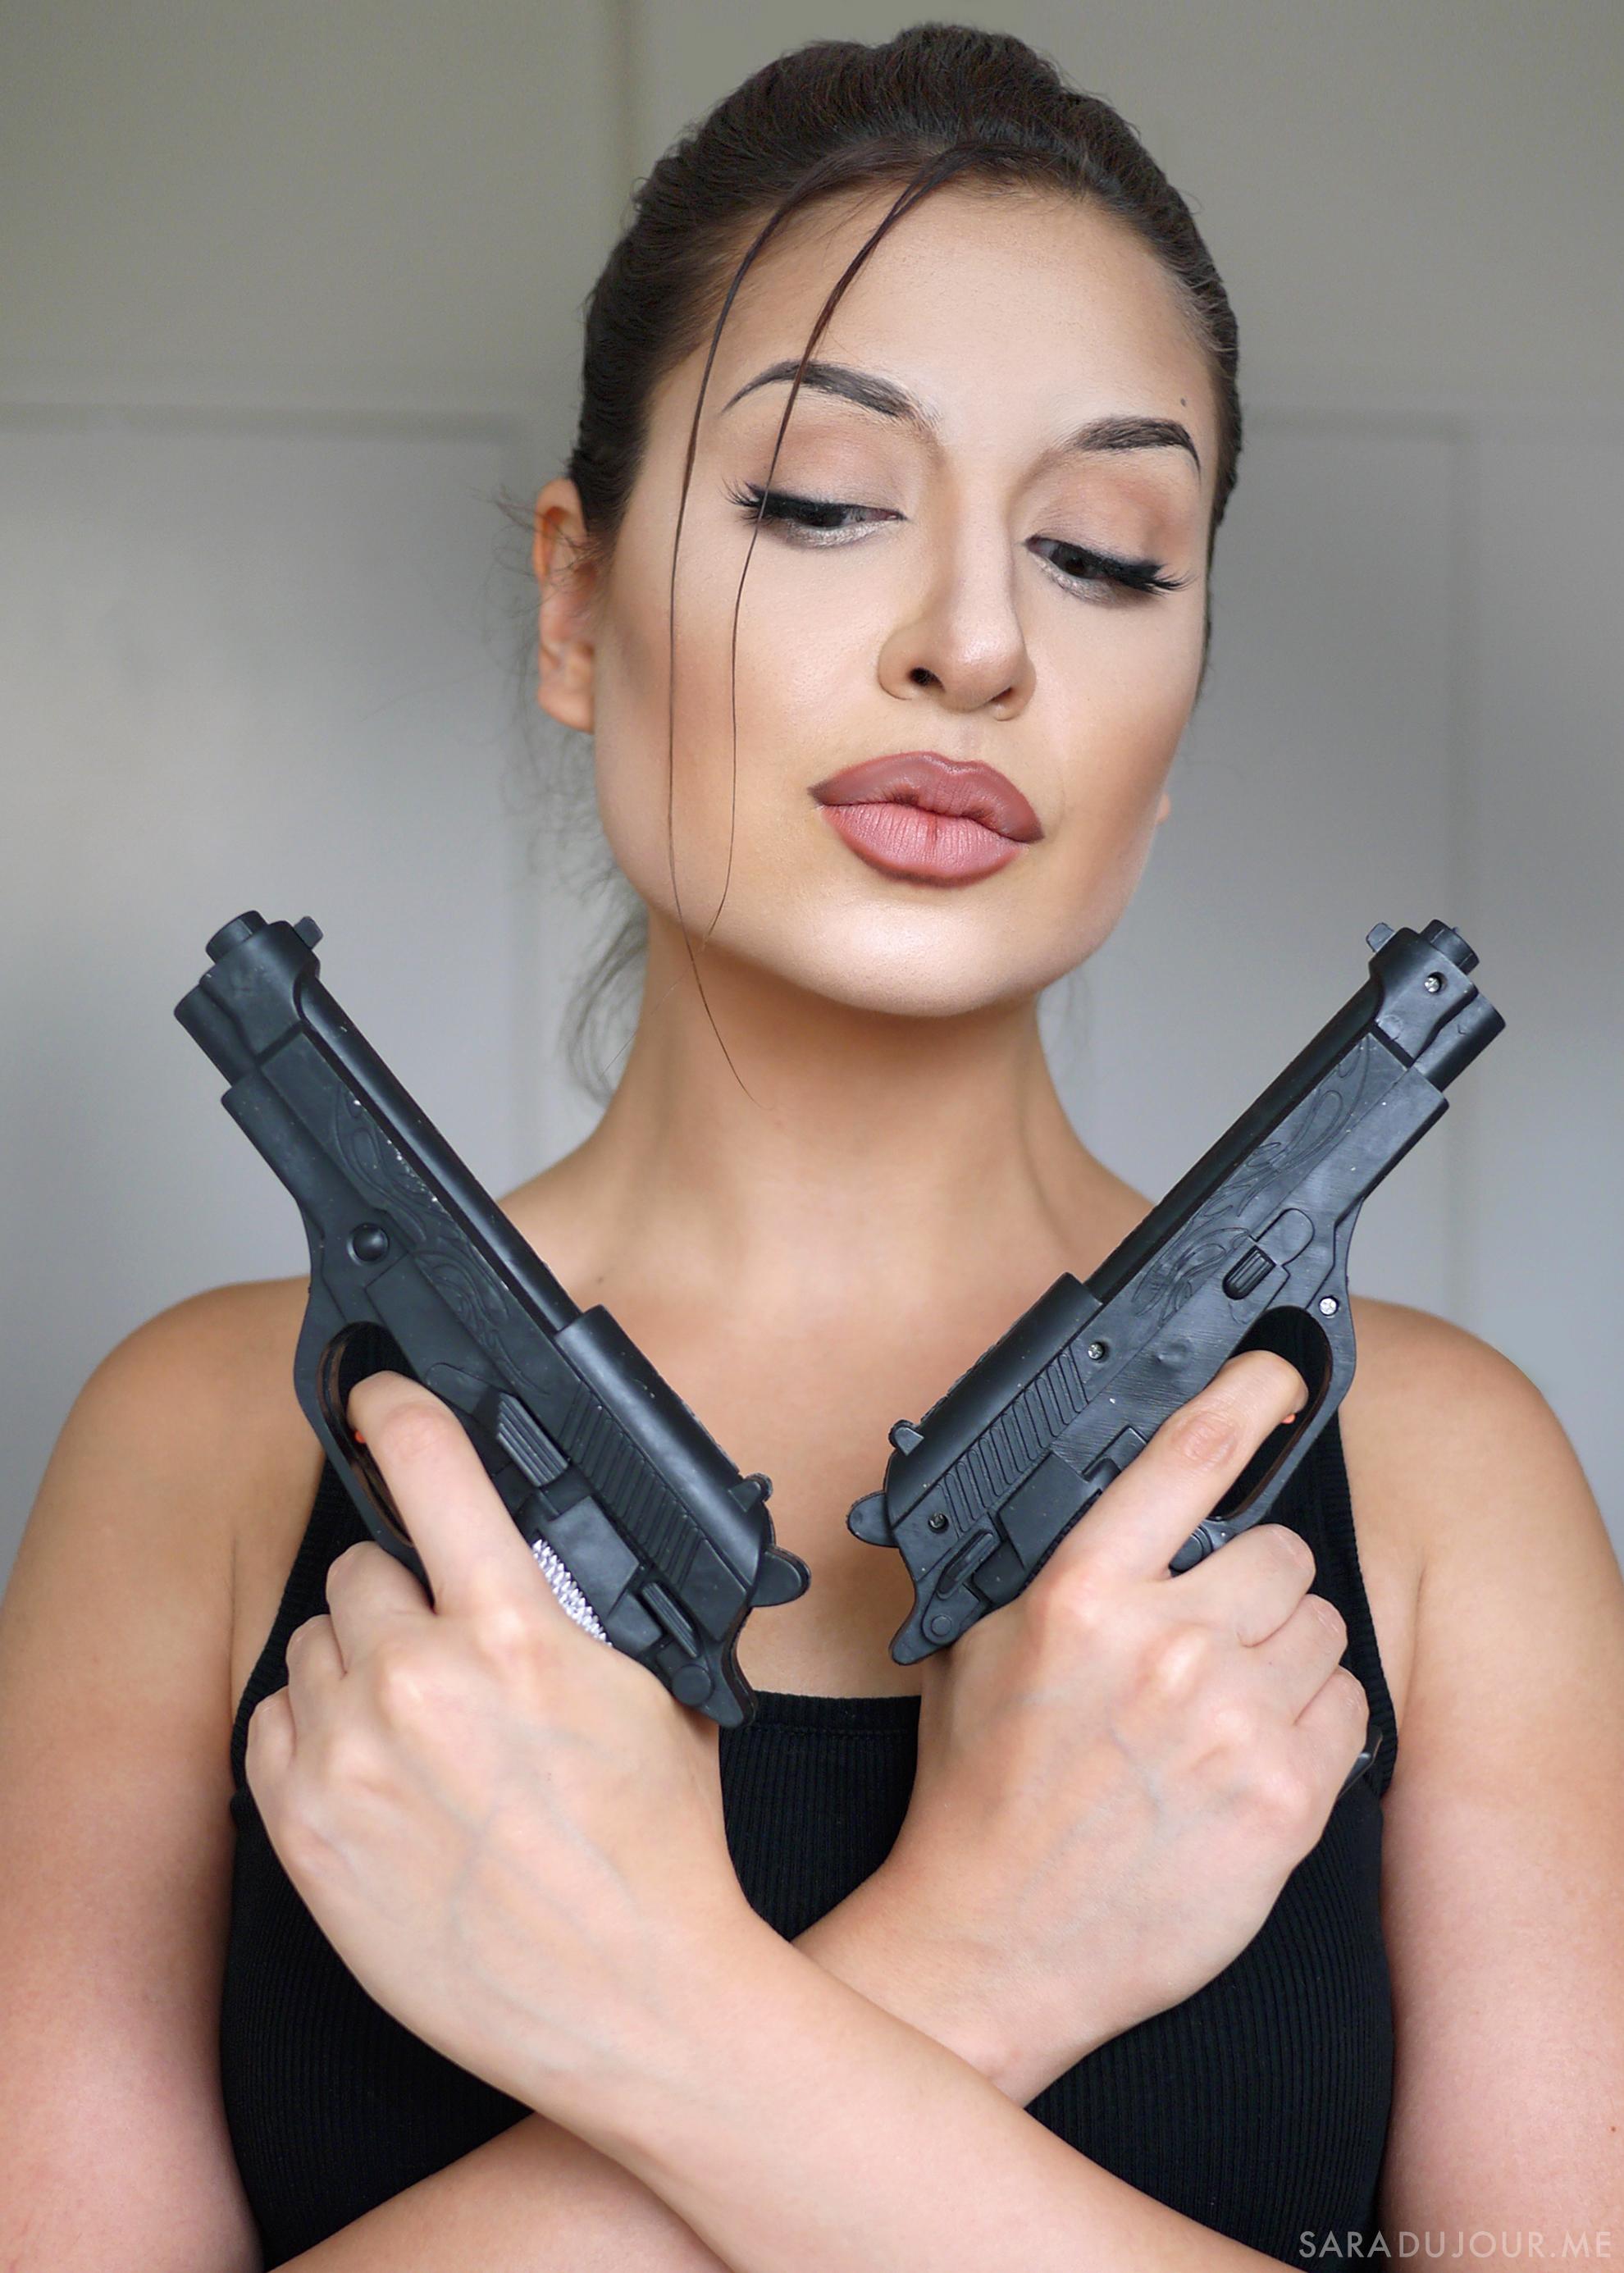 Lara Croft Cosplay Makeup - Angelina Jolie | Sara du Jour